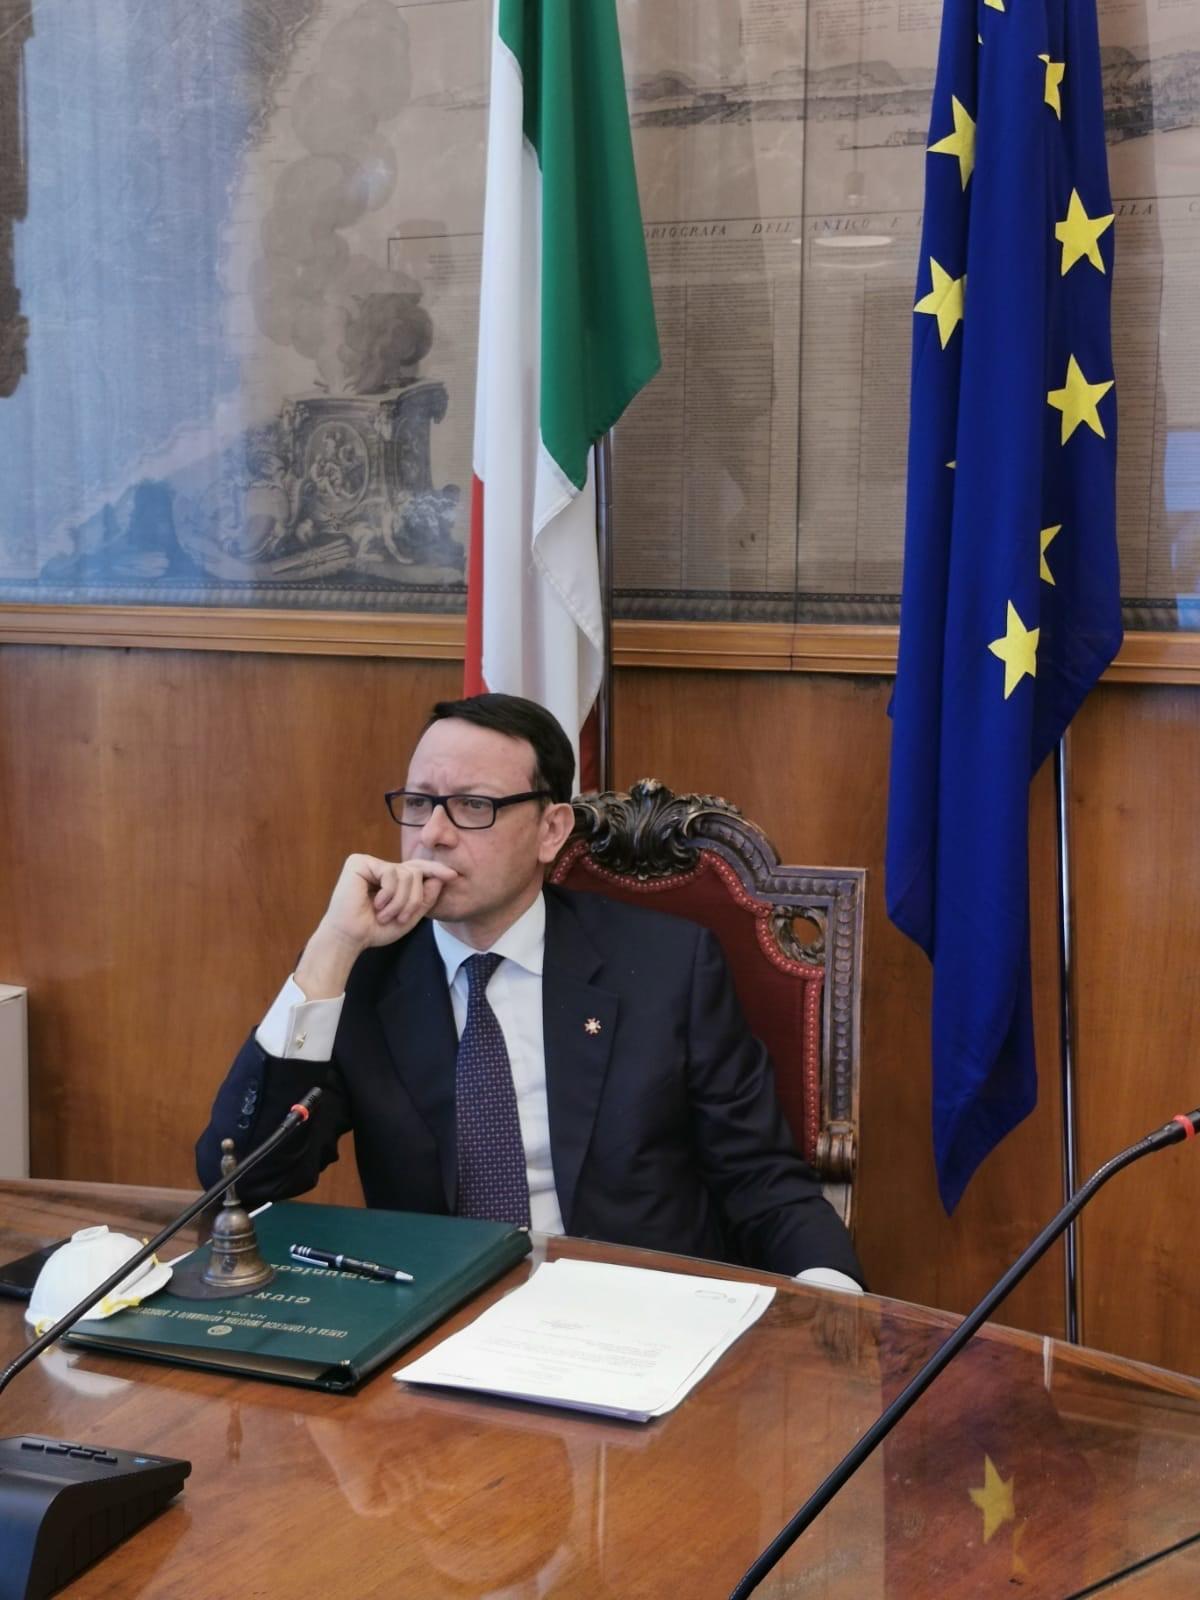 <p>Fabrizio Luongo</p>